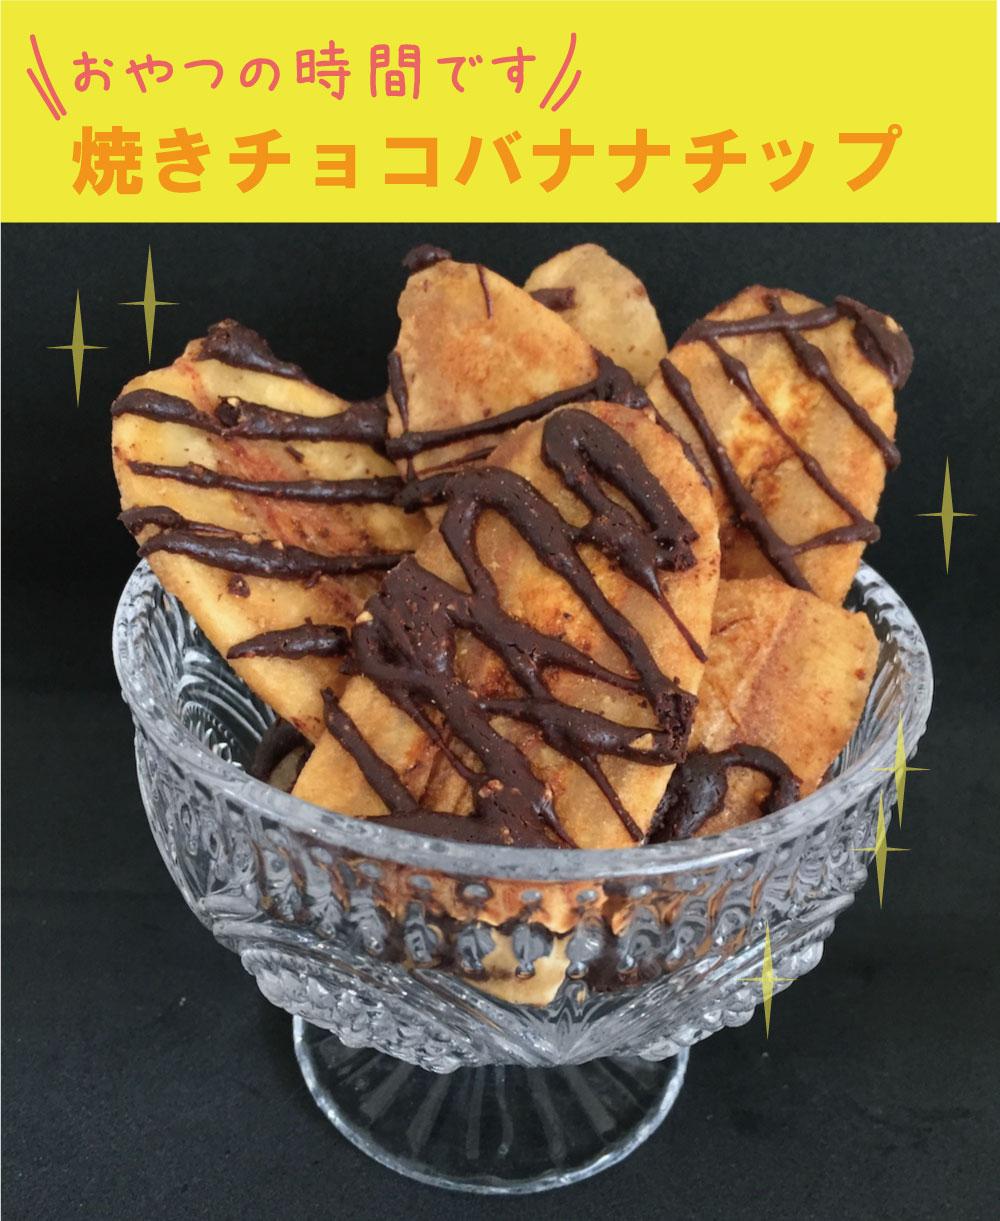 焼きチョコバナナチップ